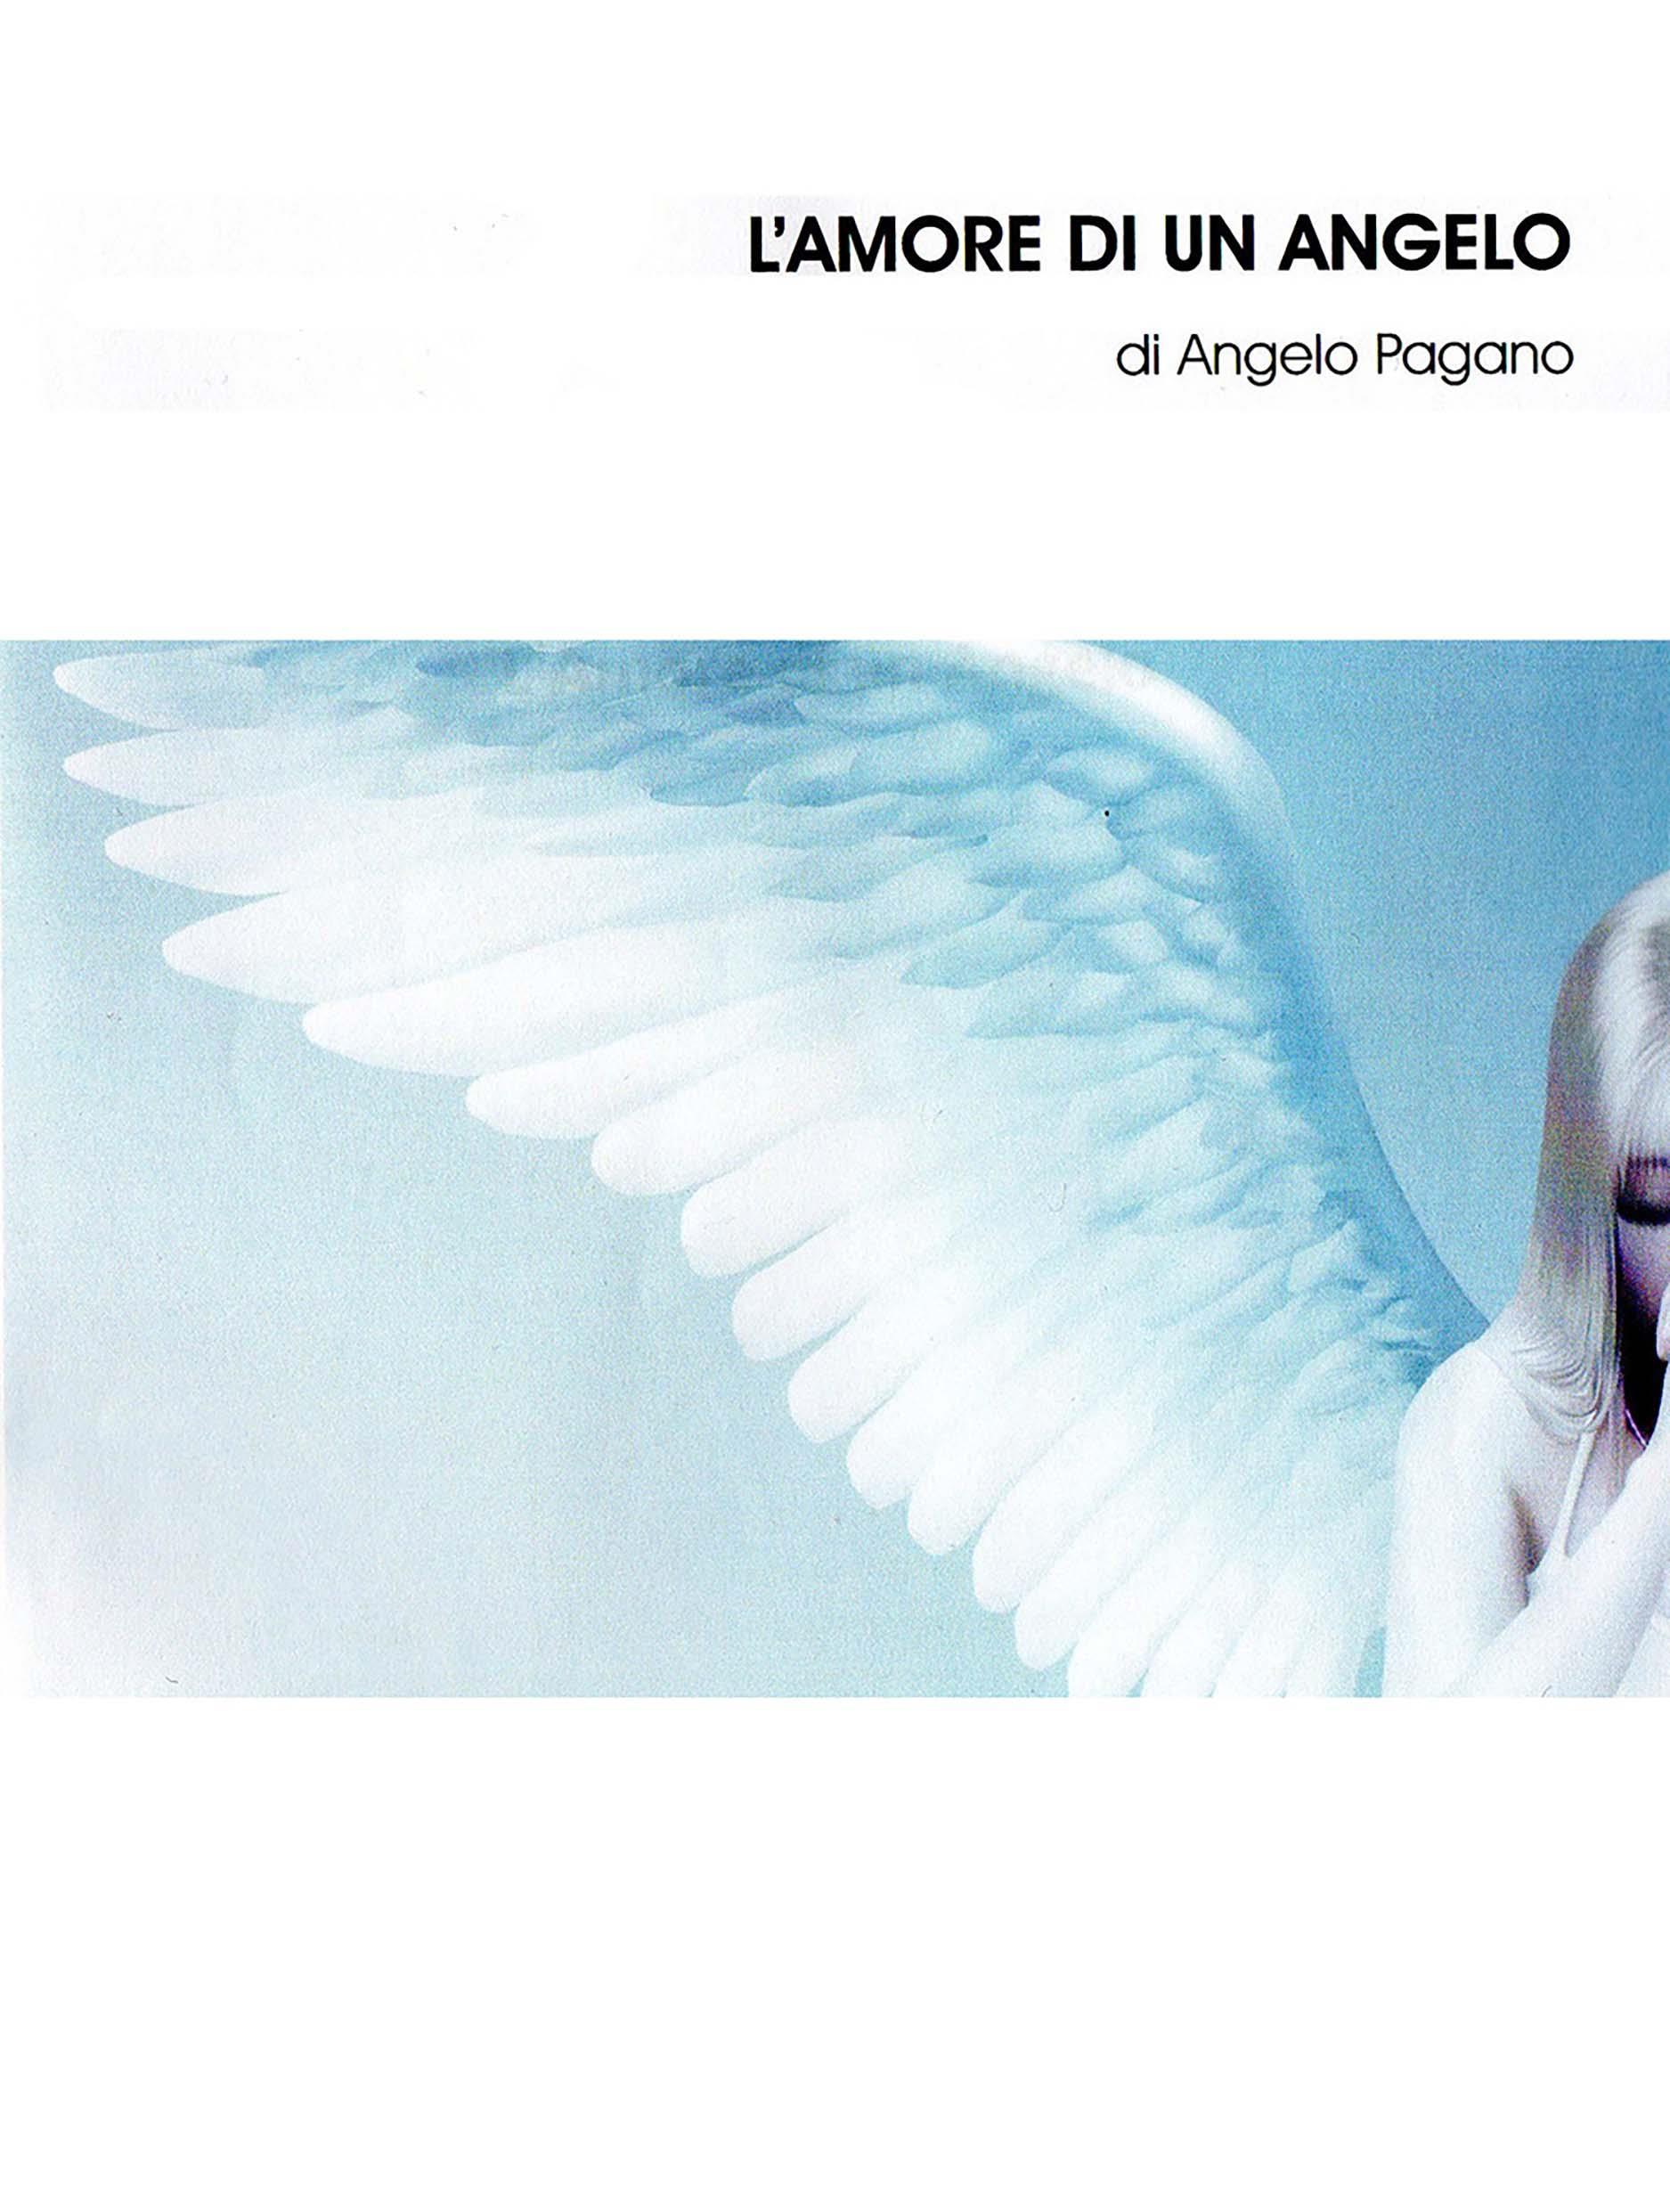 L'Amore di un Angelo